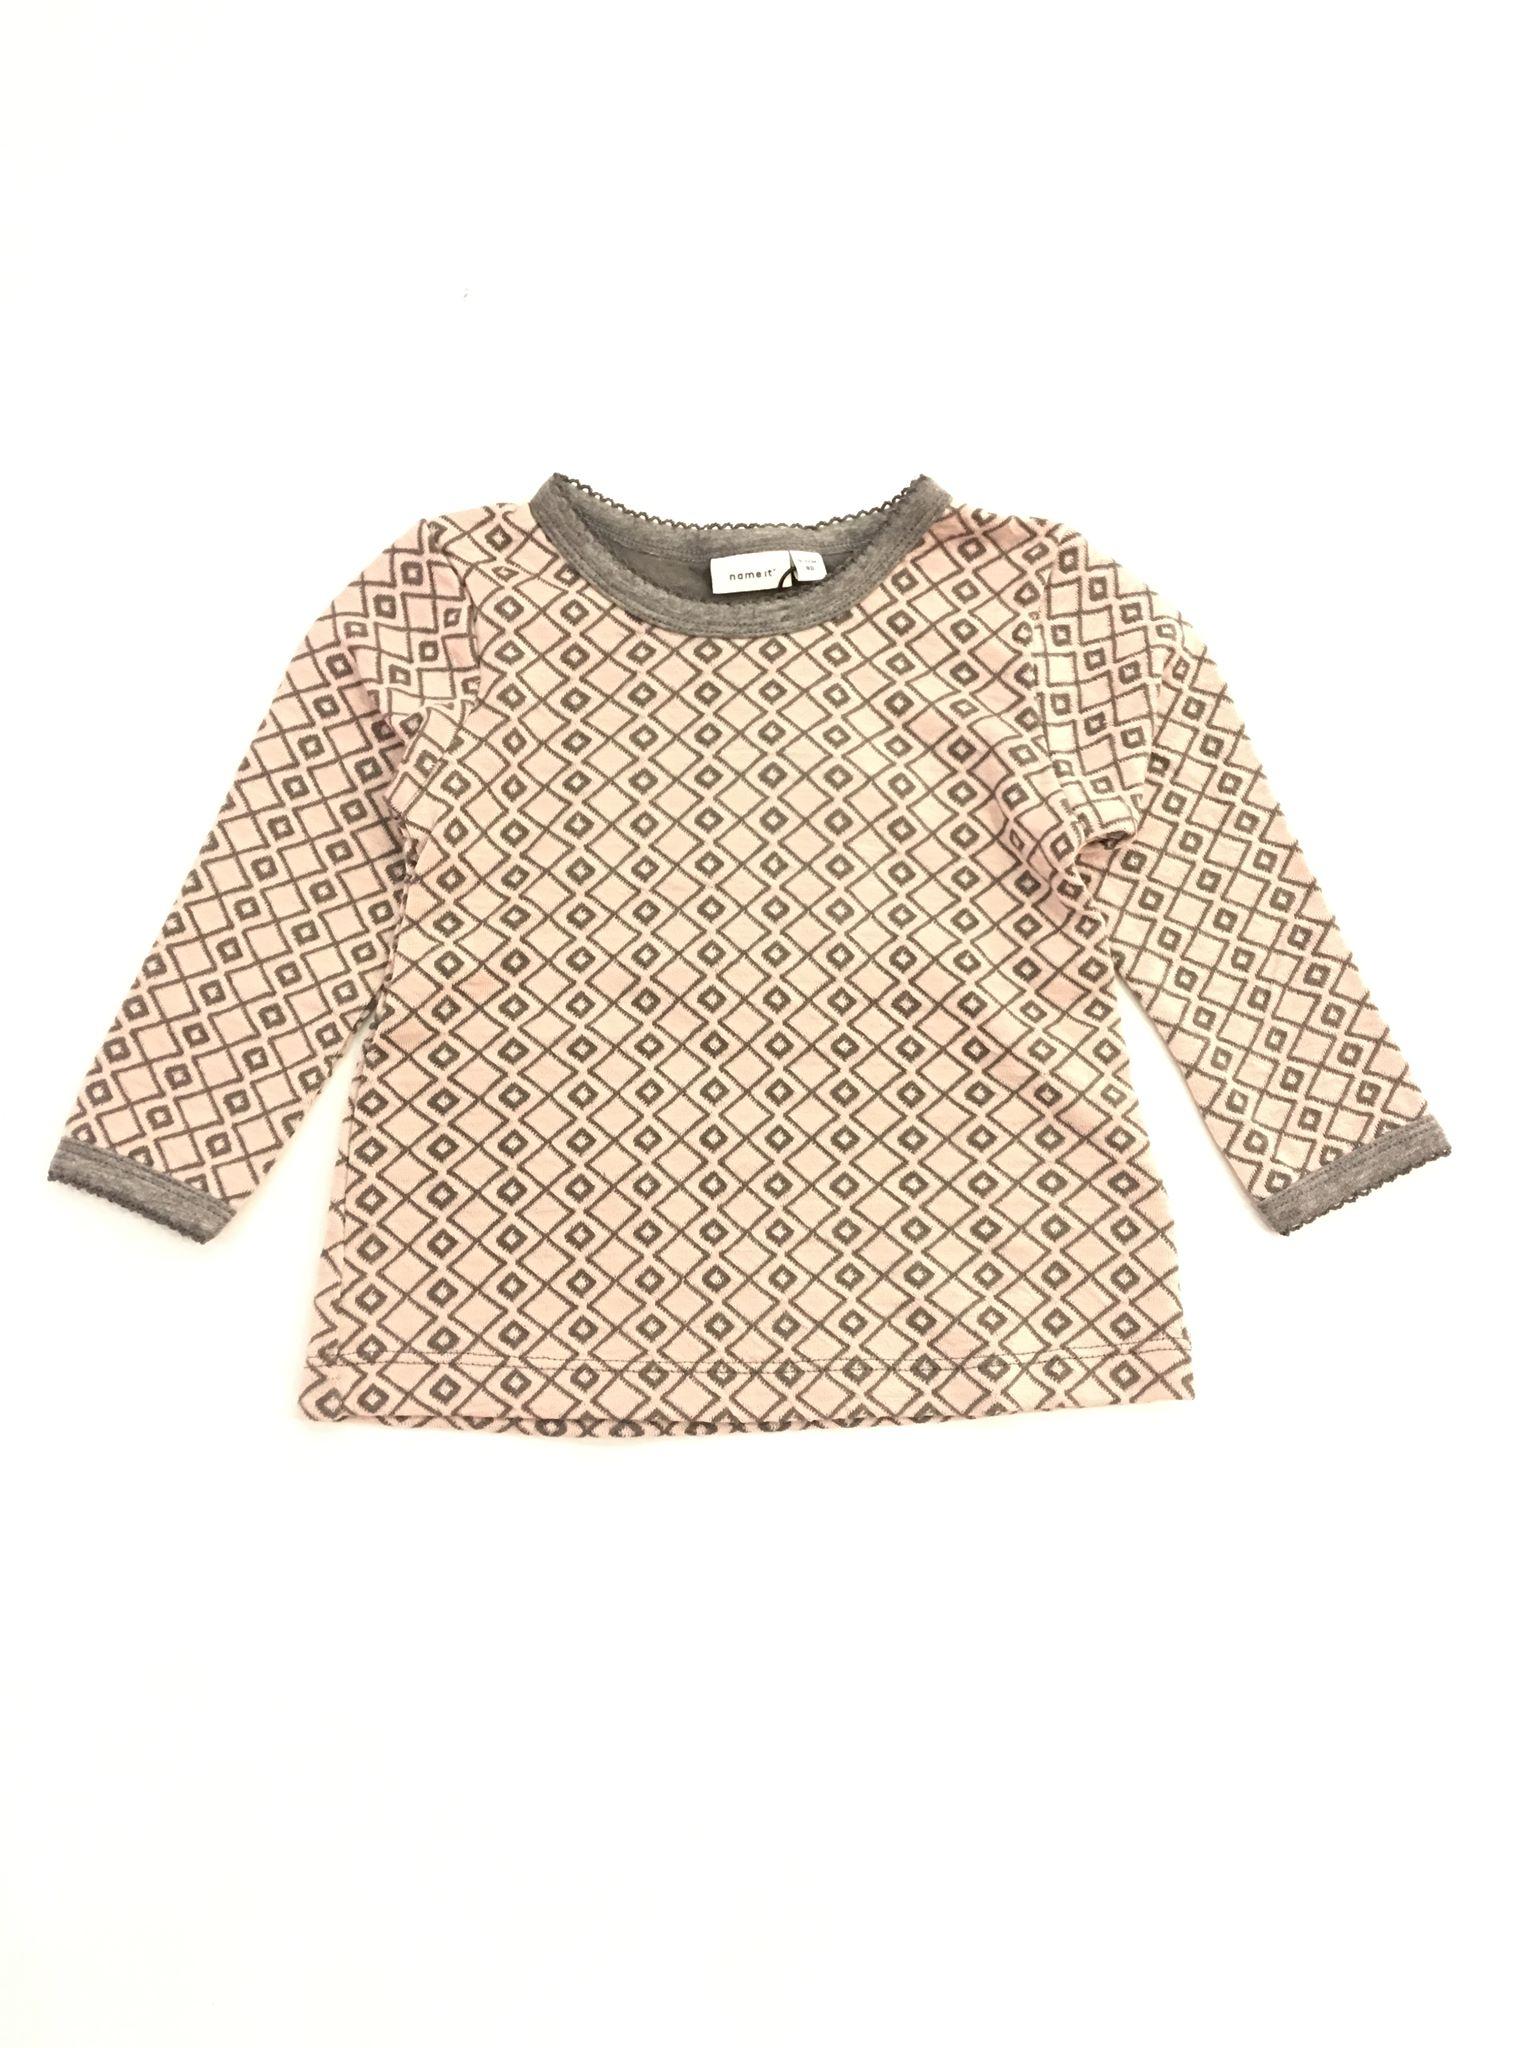 57b73ee1 Name It ull bomull – Ull trøye i bomull og ull grå Wupsus – Mio Trend